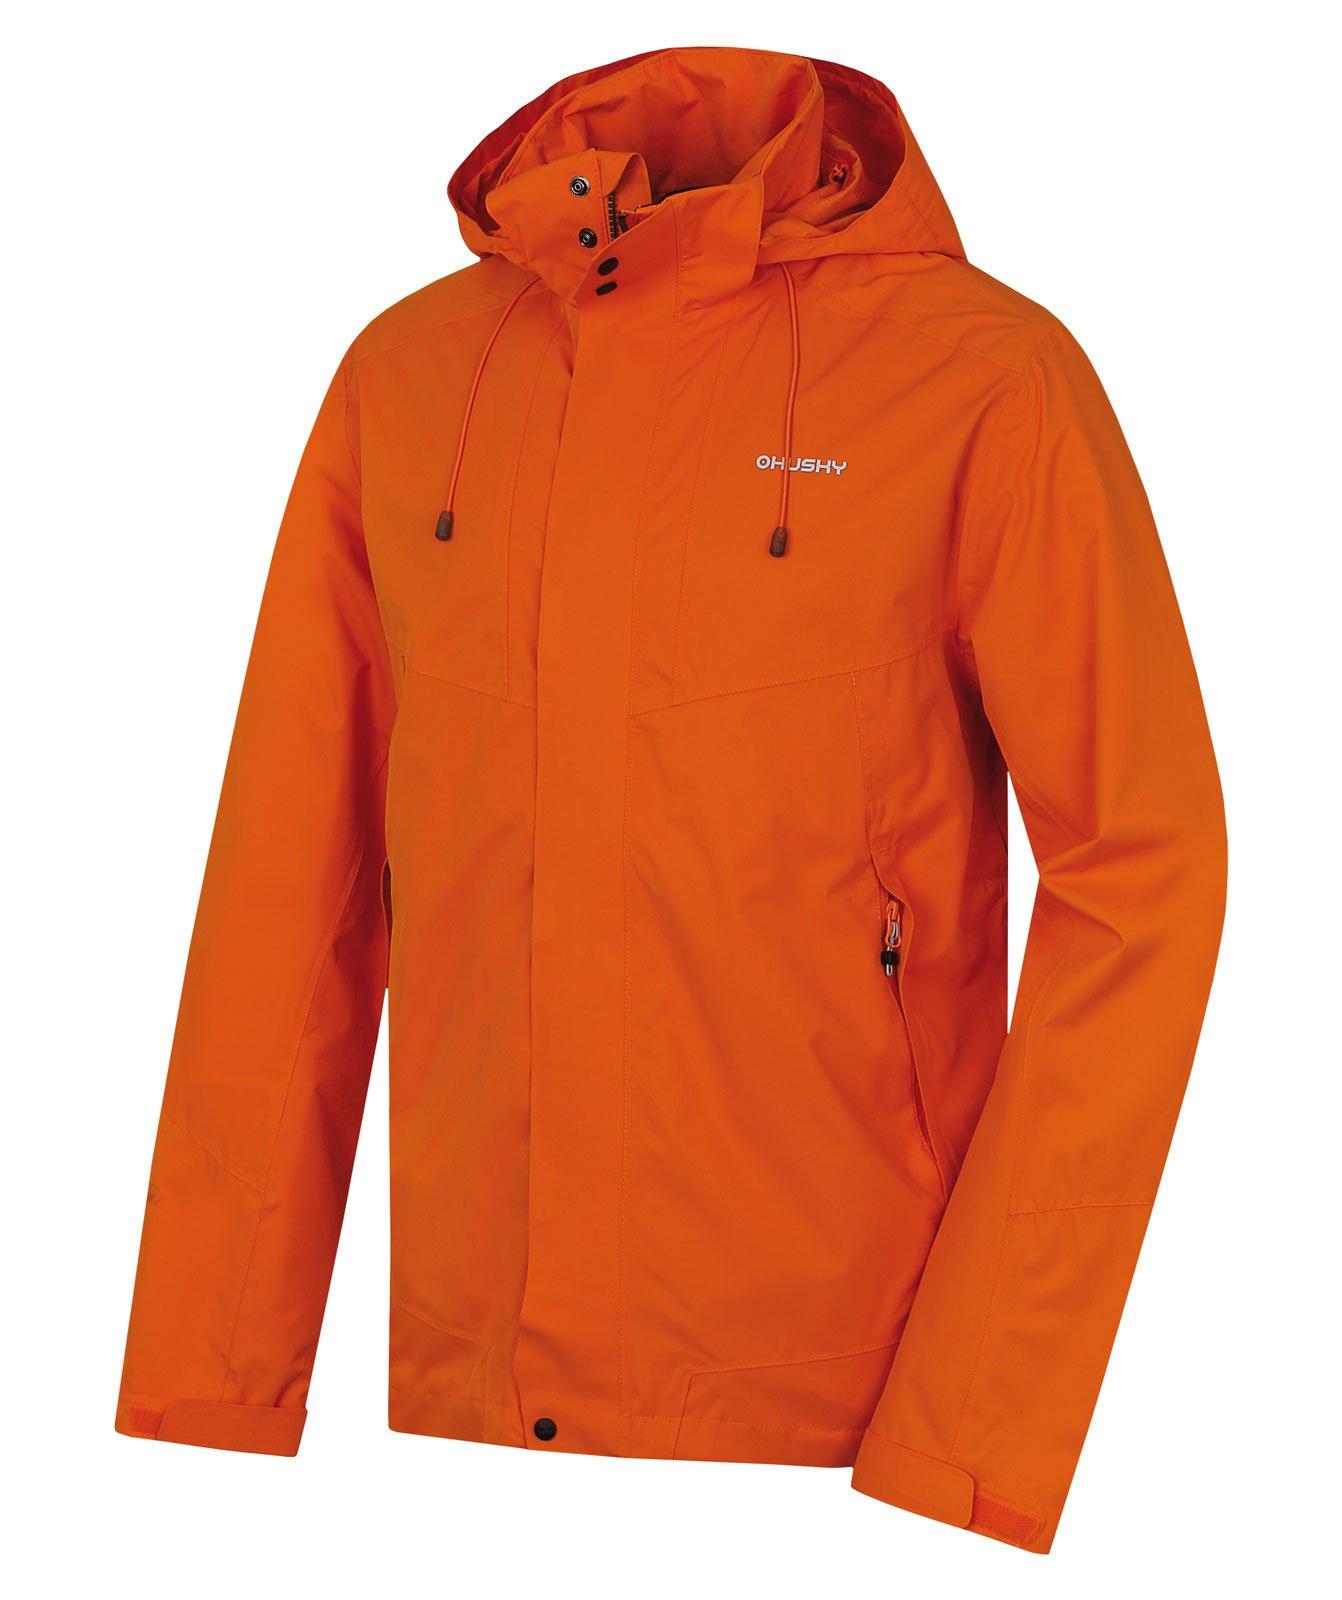 Husky Nutty M oranžová, L Pánska hardshellová bunda